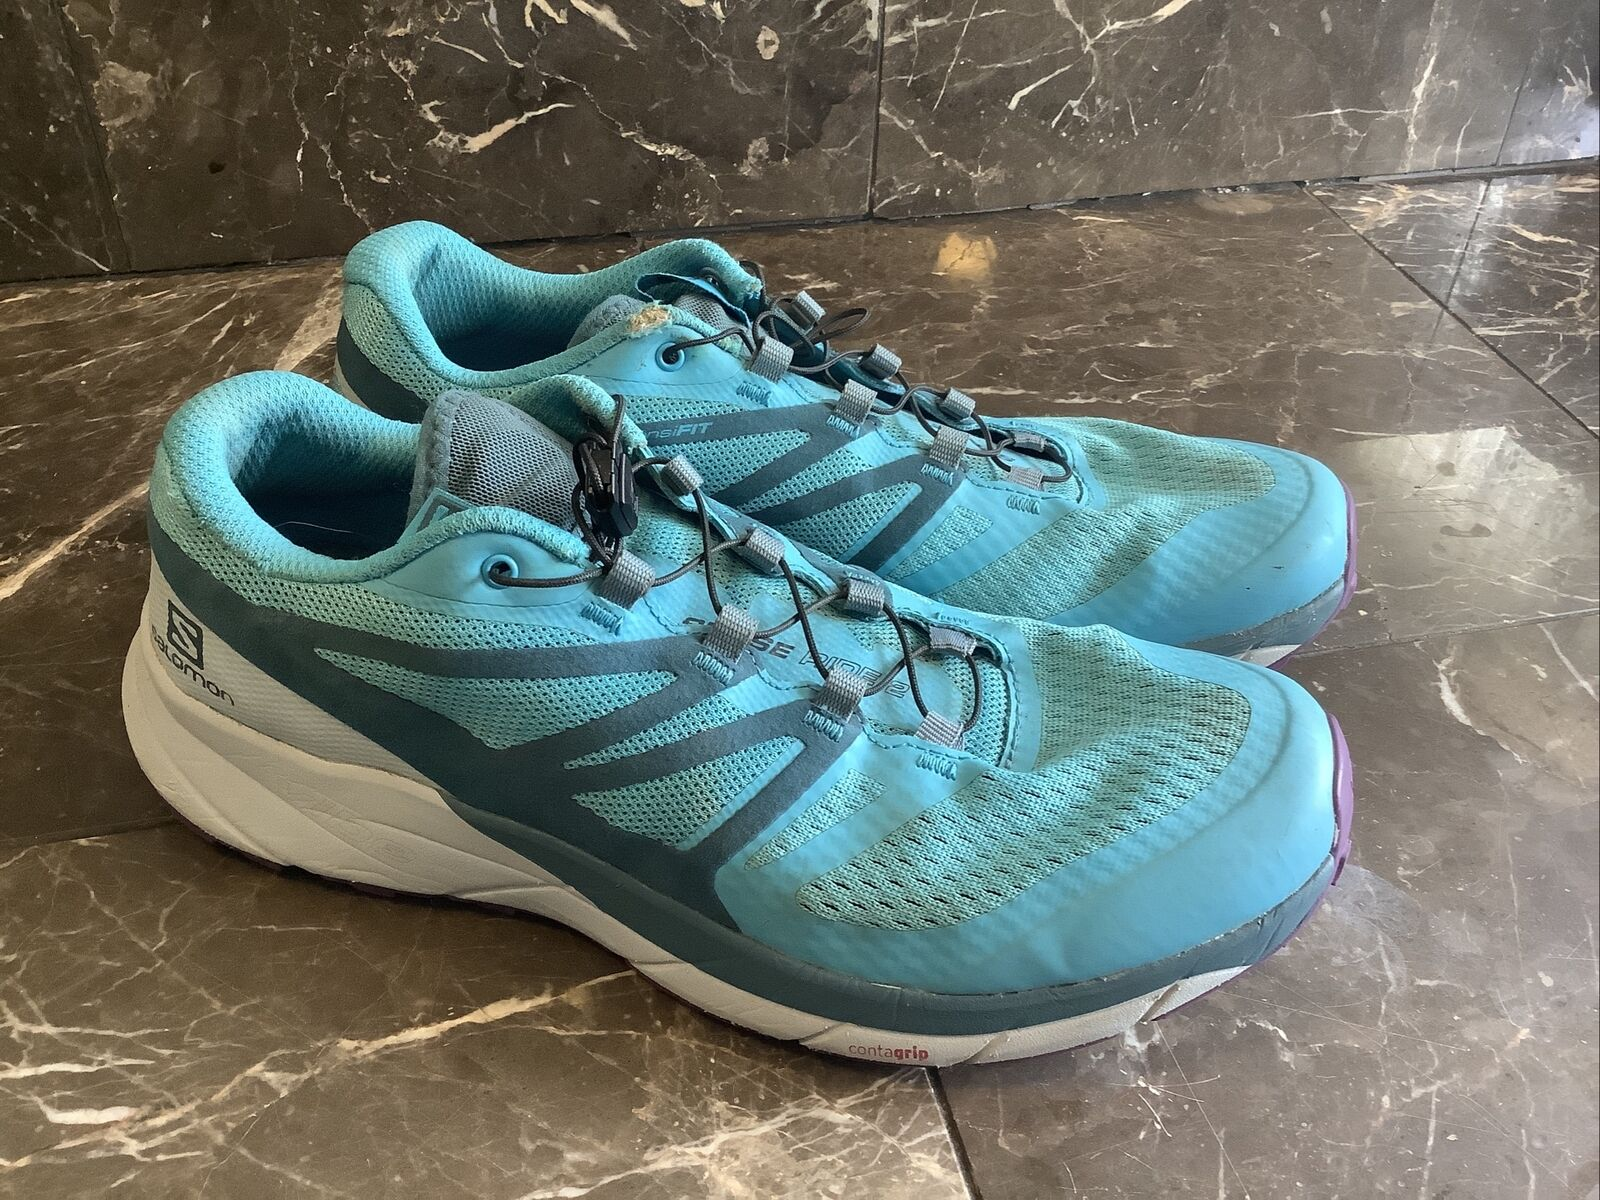 Salomon Sense Ride 2-Taille 9.5 - Trail Running et de Randonnée pour Femme